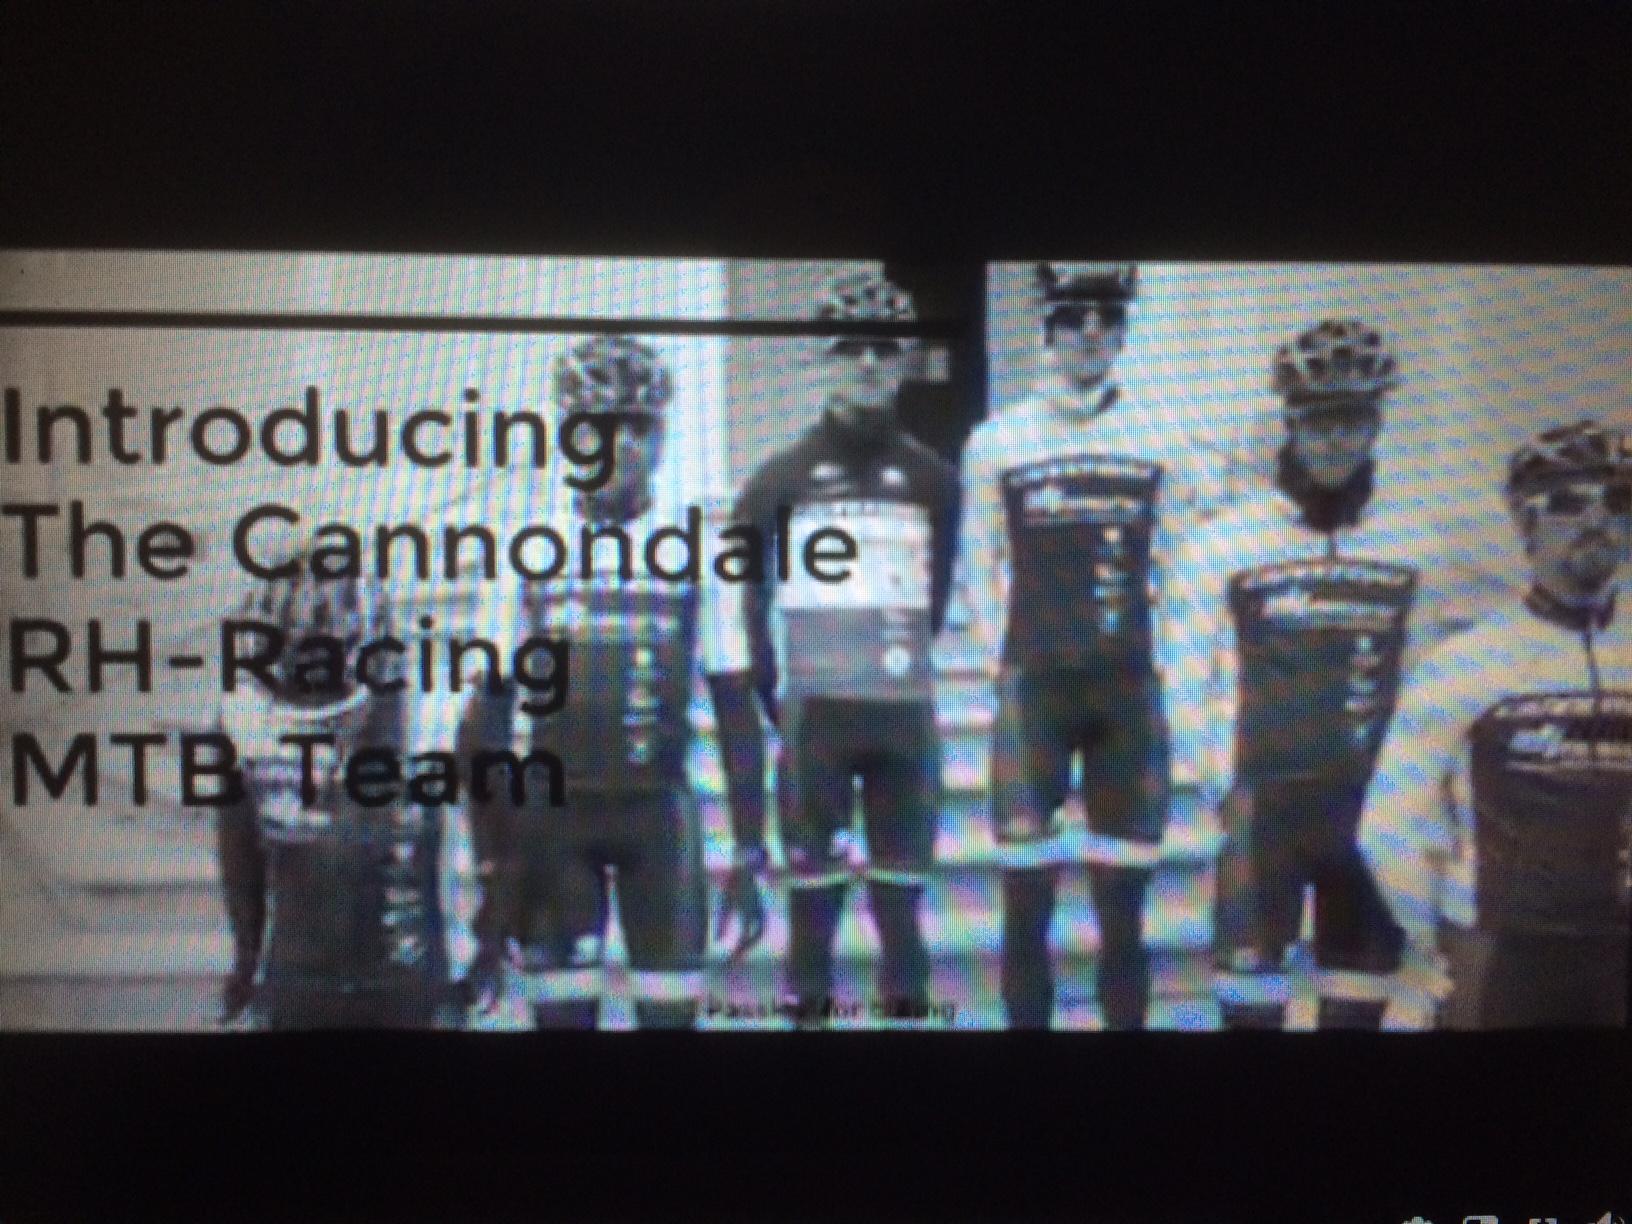 Voorstelling Cannondale RH-racing MTB team 2018